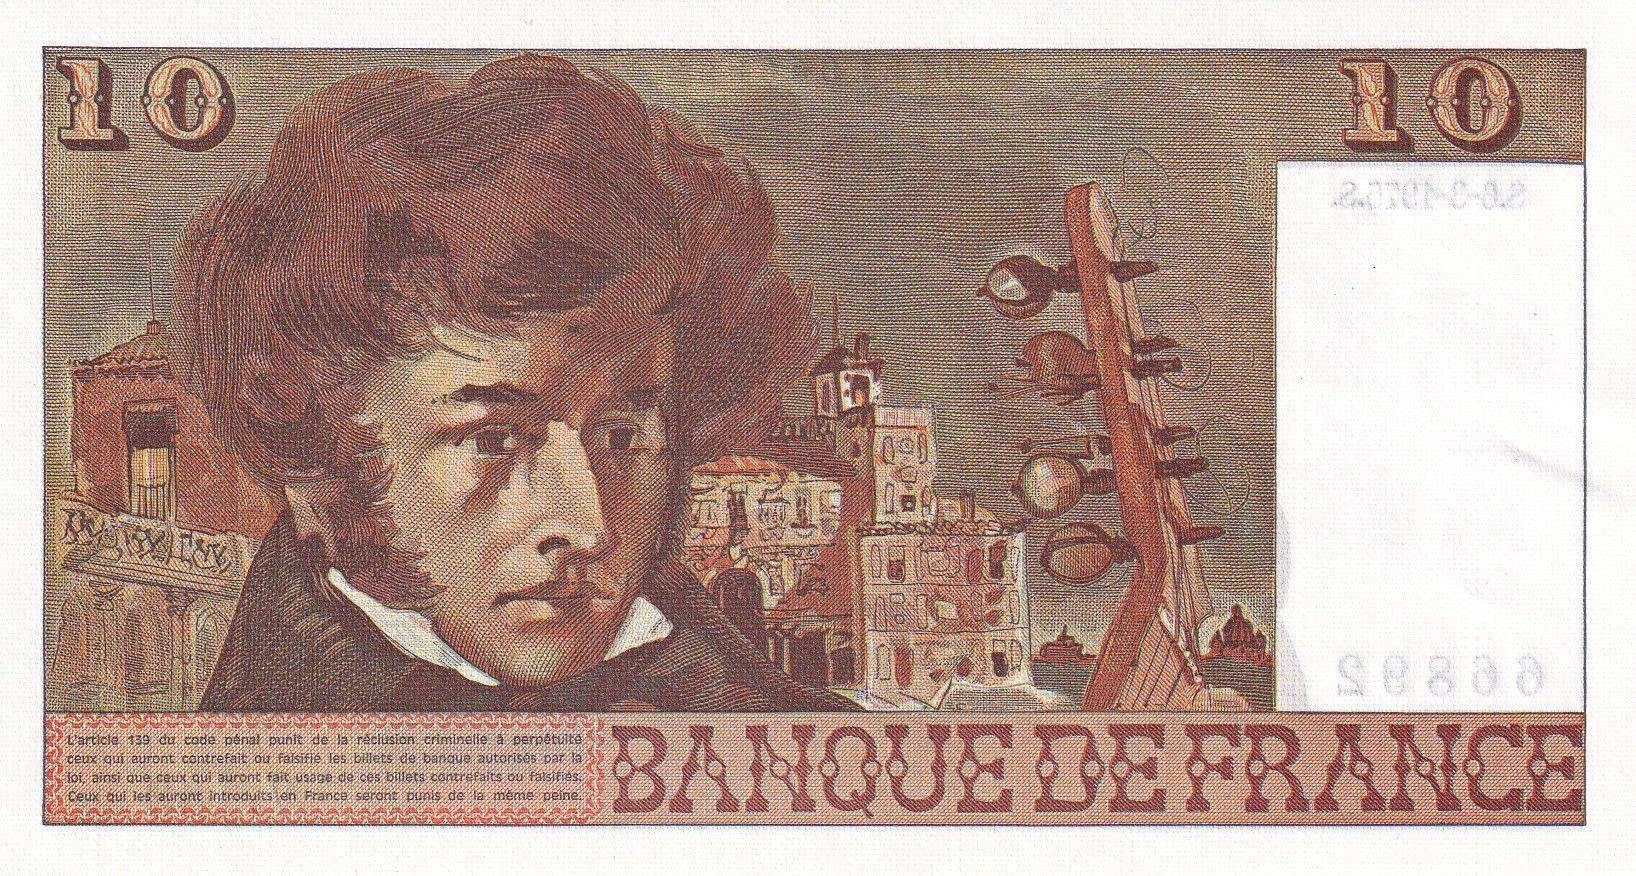 France 10 Francs Berlioz - 06-03-1975 Série V.169 - SPL